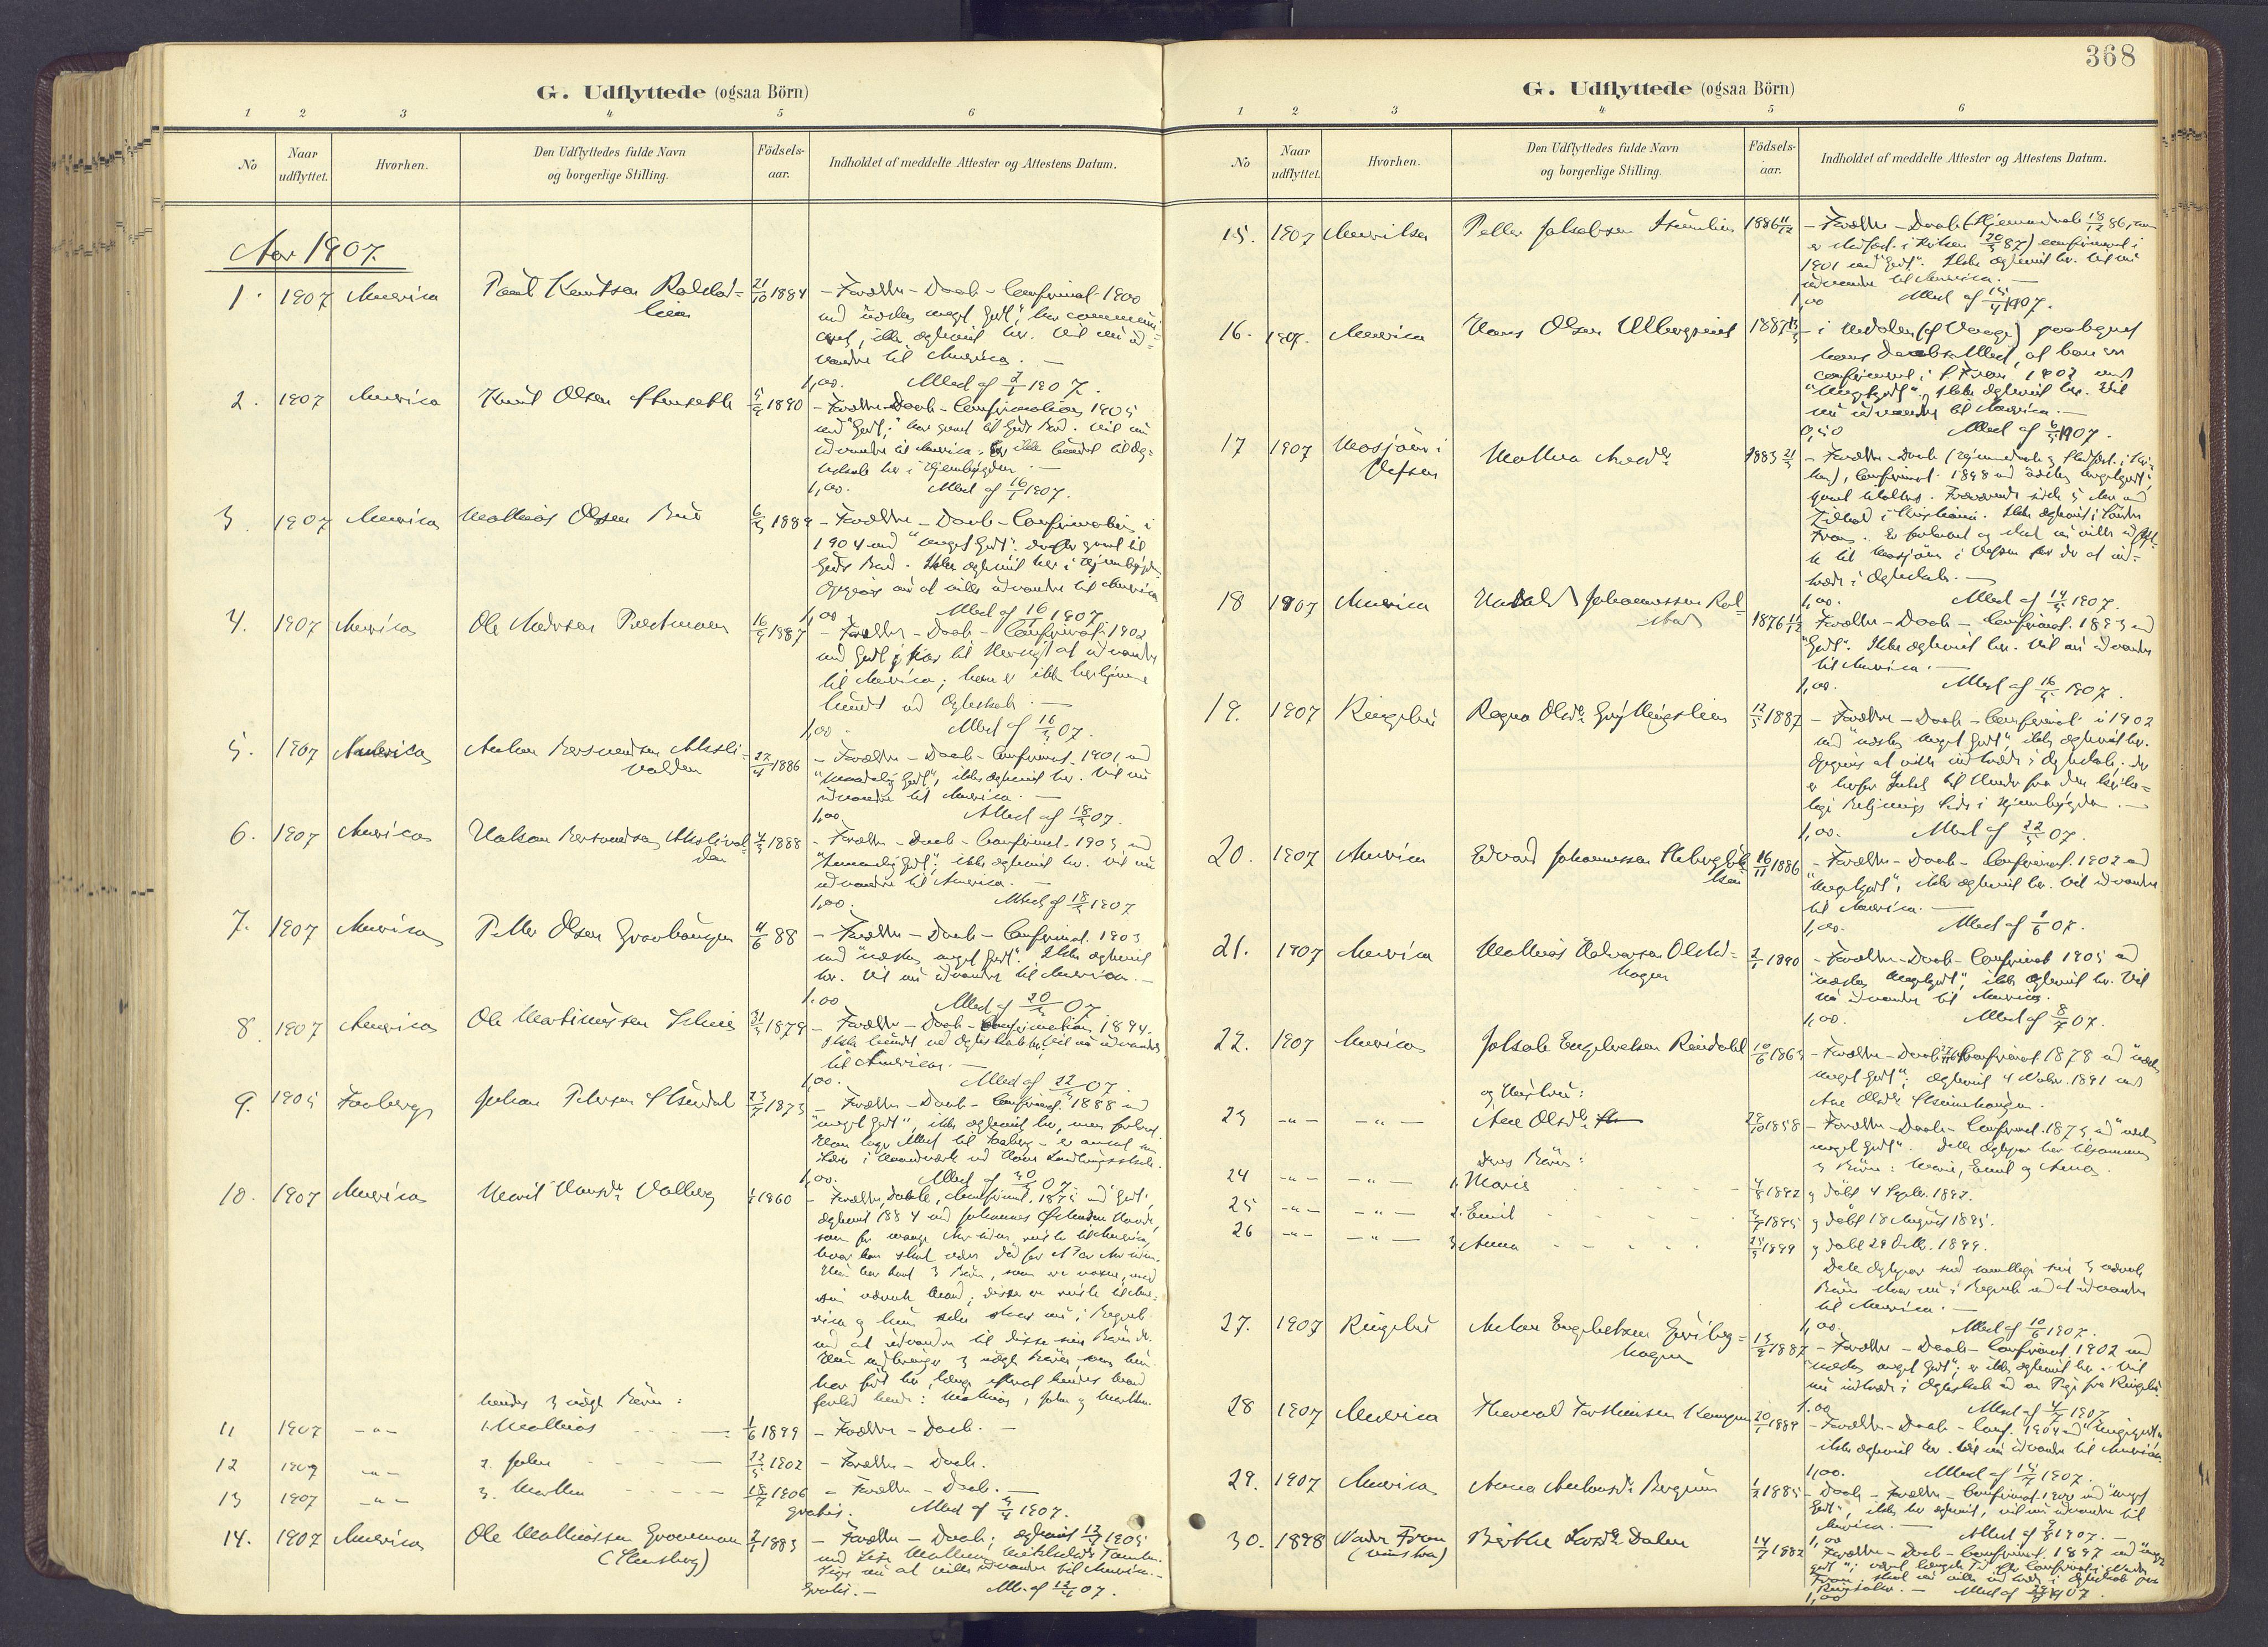 SAH, Sør-Fron prestekontor, H/Ha/Haa/L0004: Parish register (official) no. 4, 1898-1919, p. 368